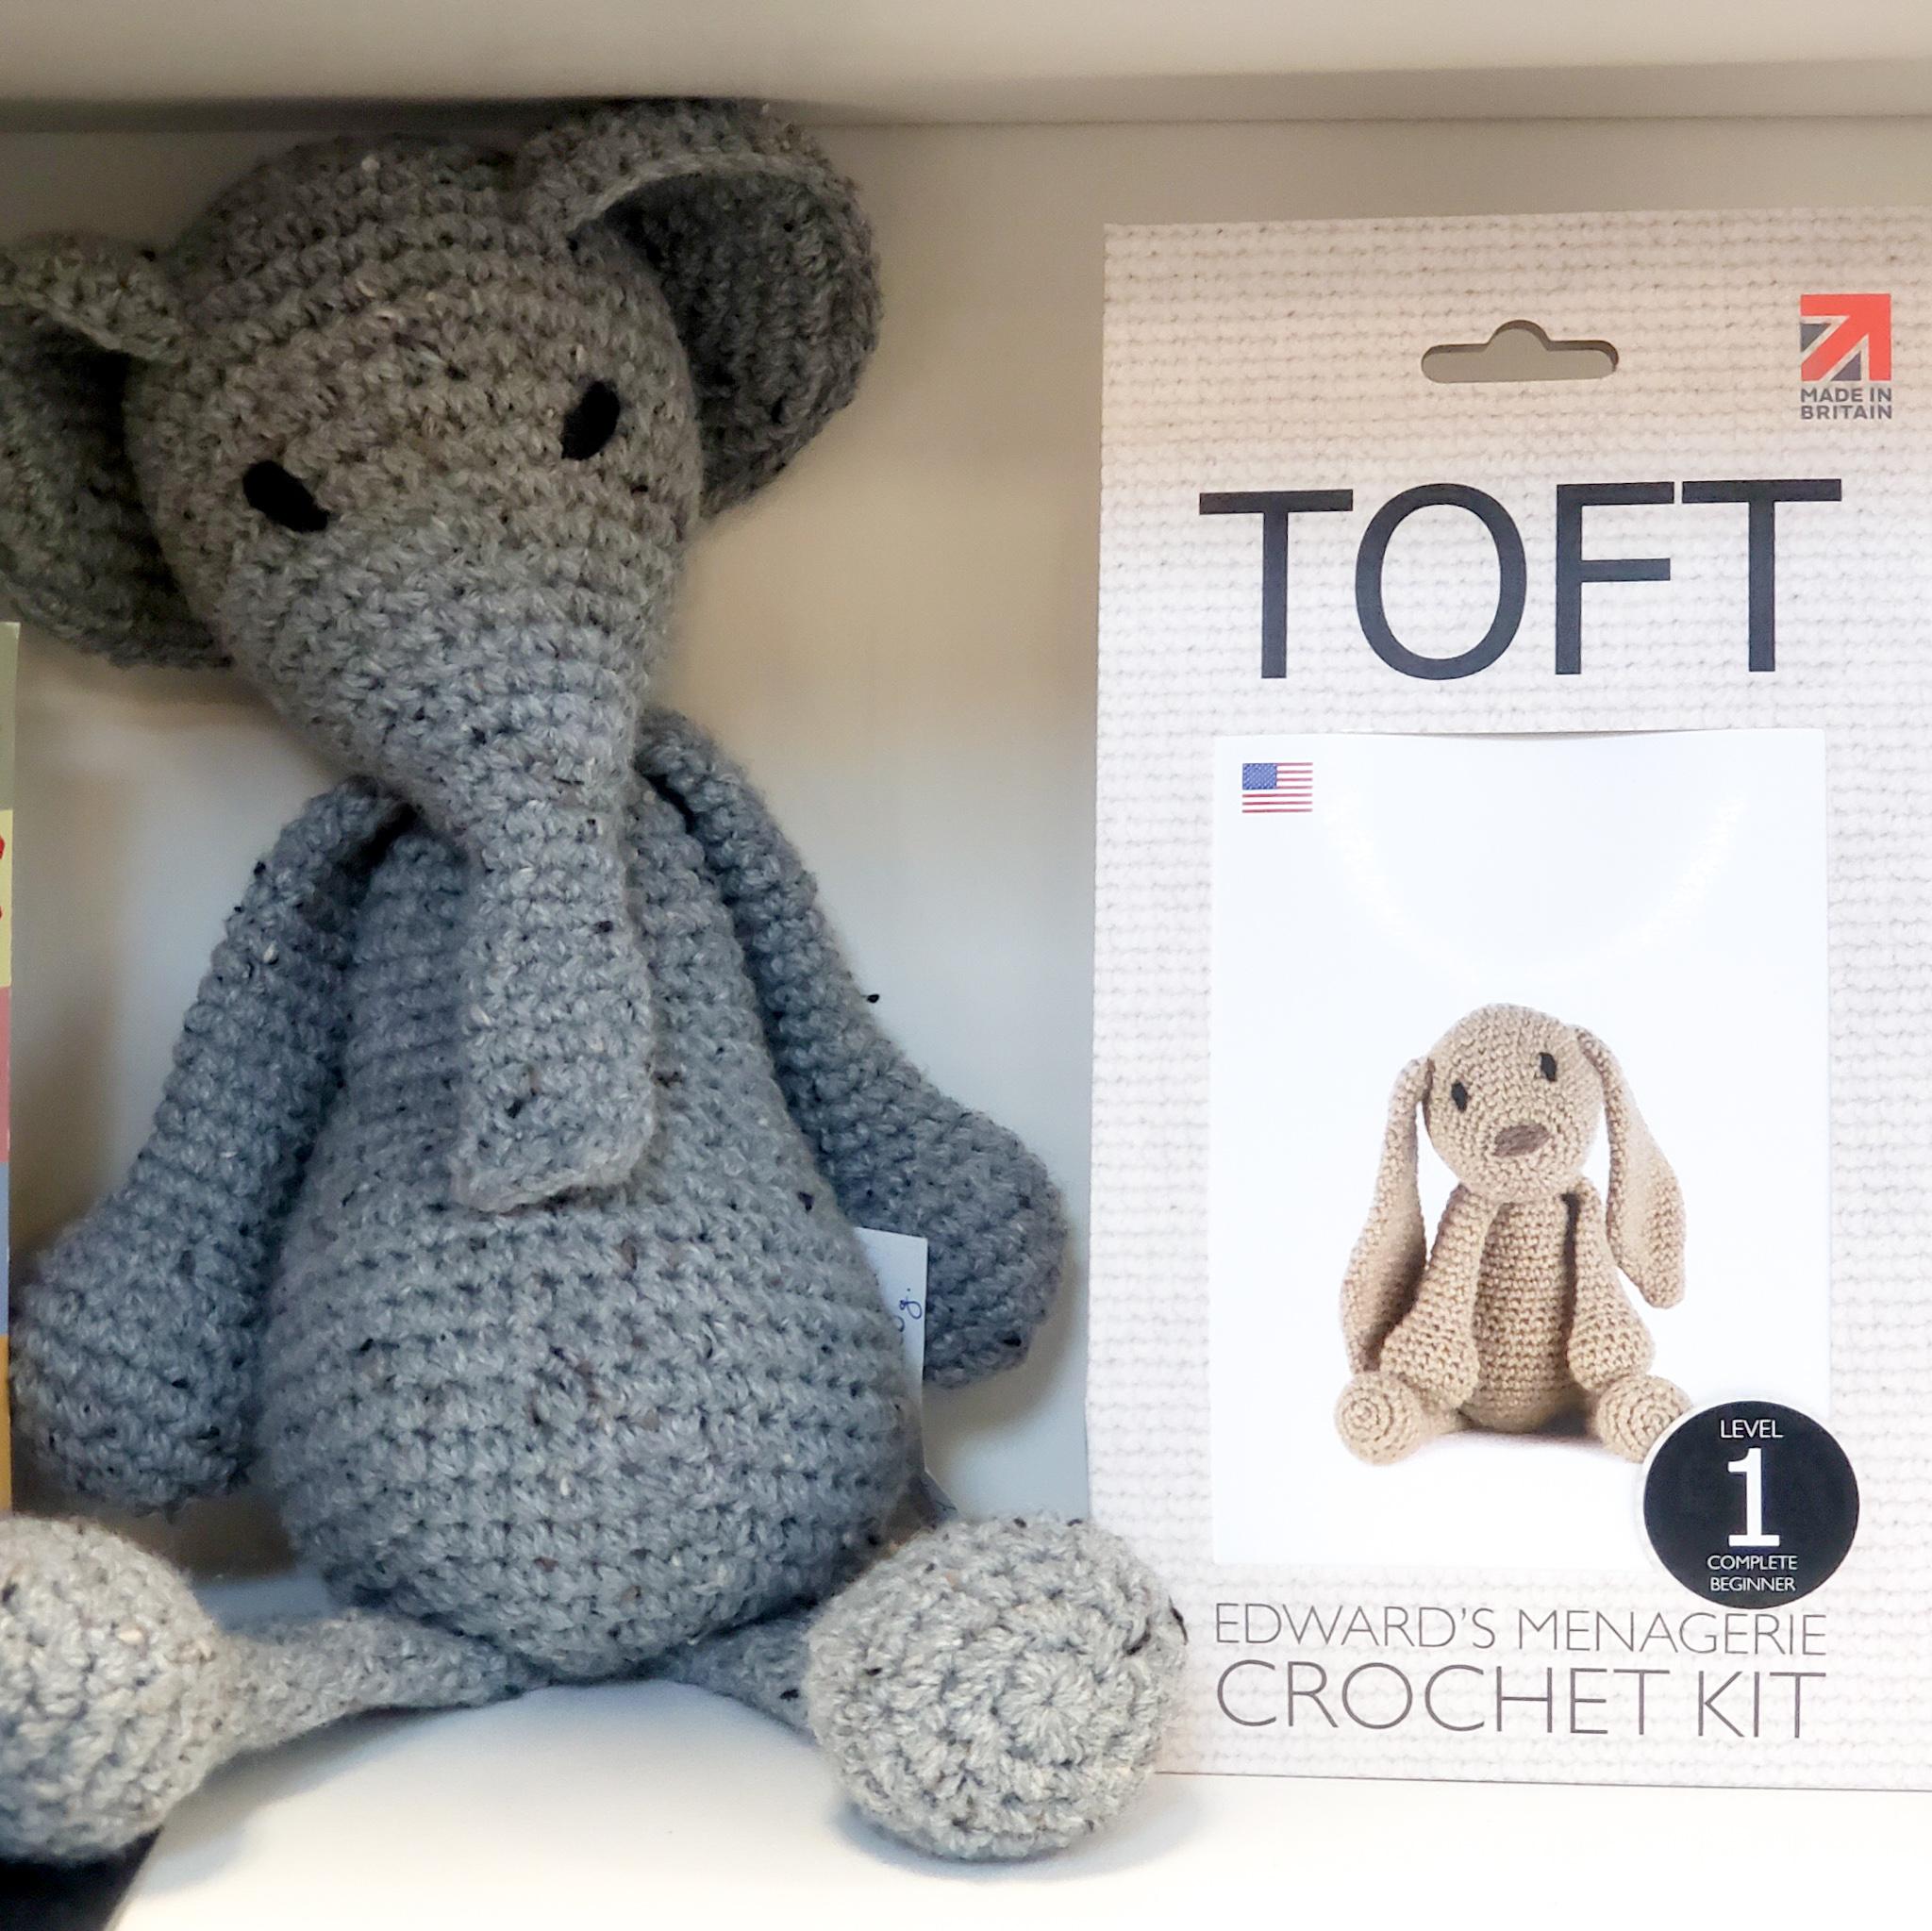 Toft - Edward's Menagerie Kits (Level 1)